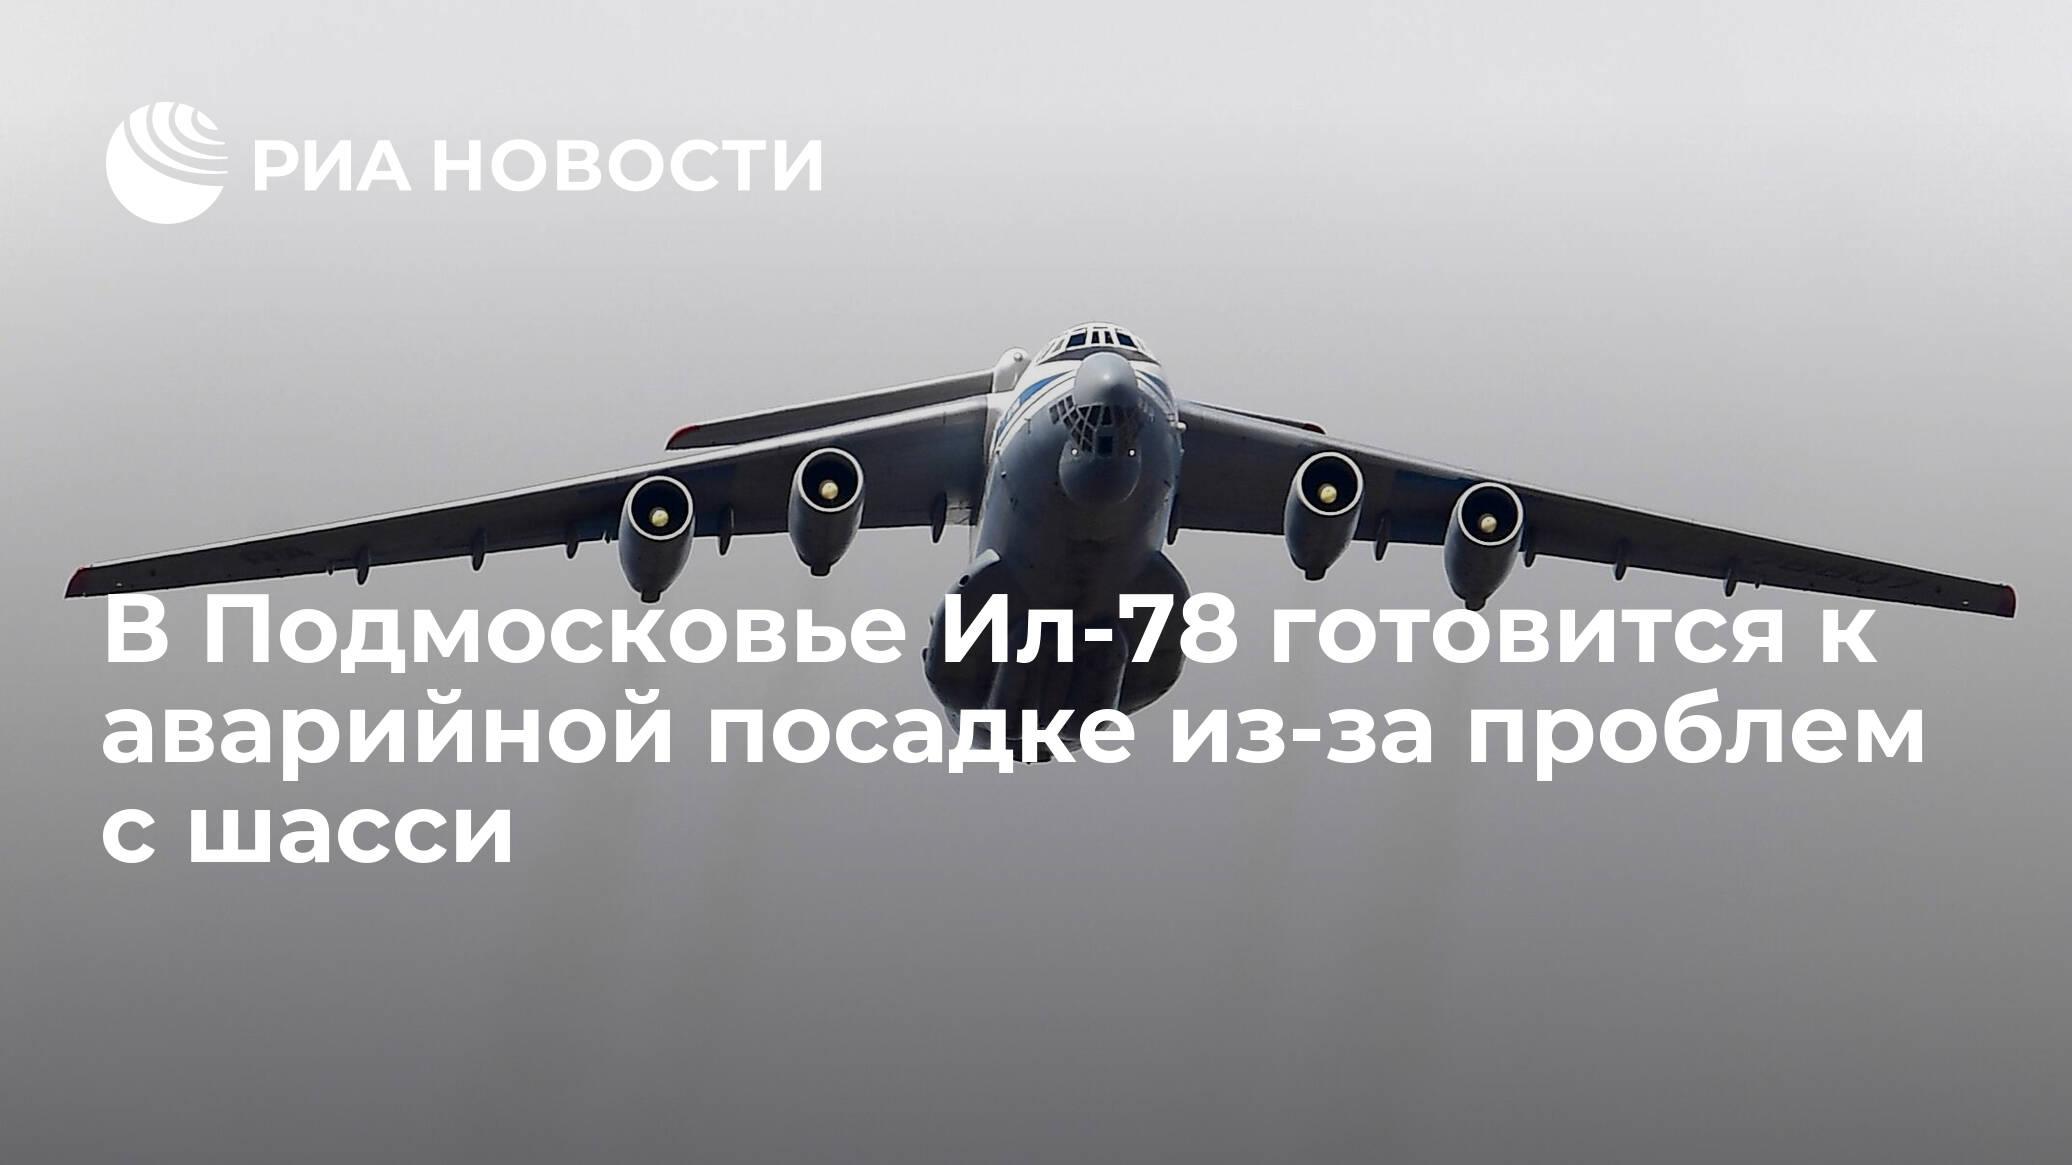 В Подмосковье Ил-78 готовится к аварийной посадке из-за проблем с шасси